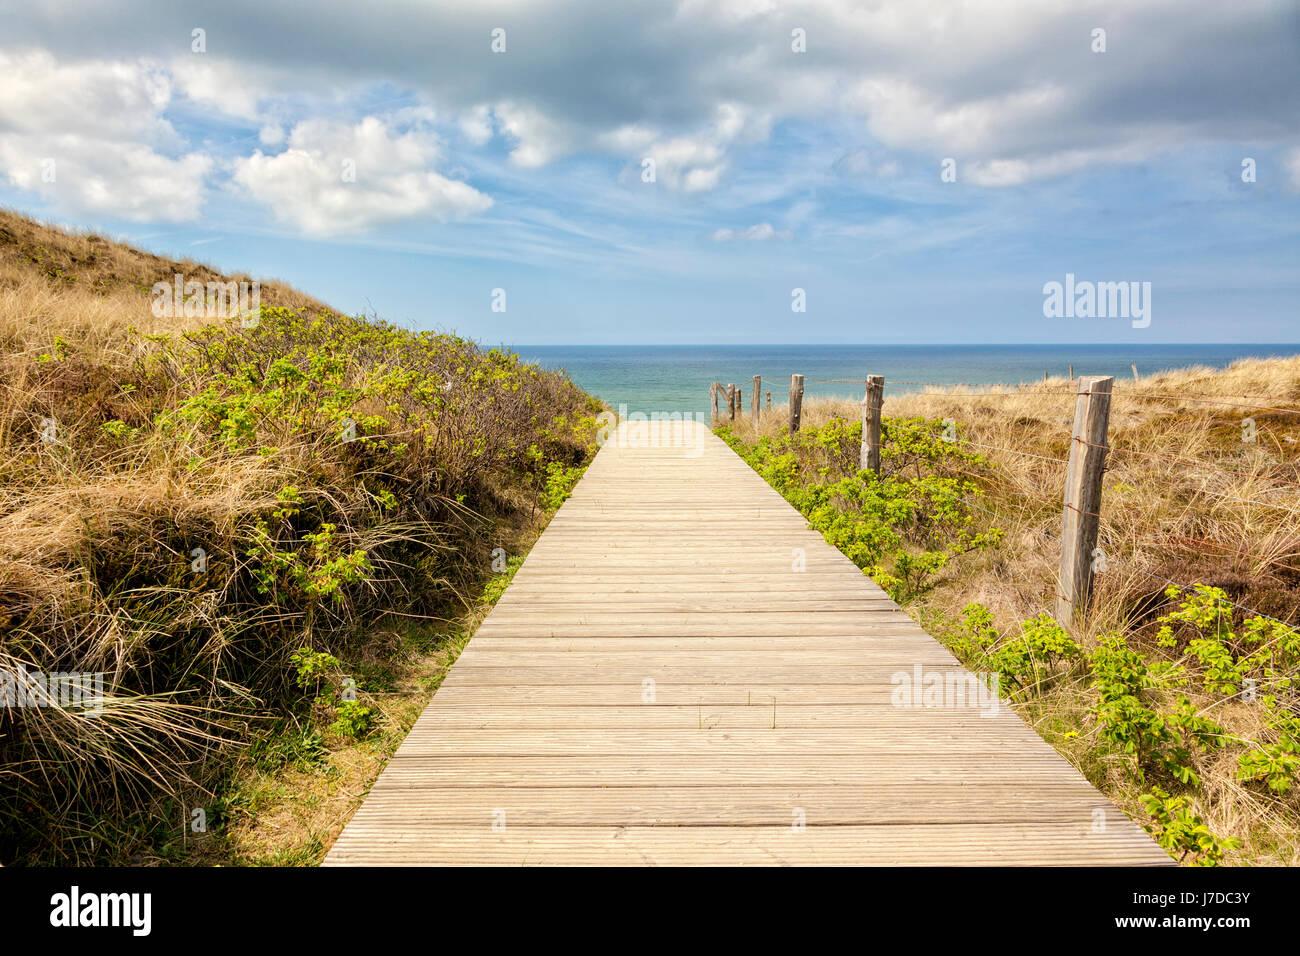 Holzweg Throug die Dünen, der Strand von Kampen, Sylt, Deutschland Stockbild